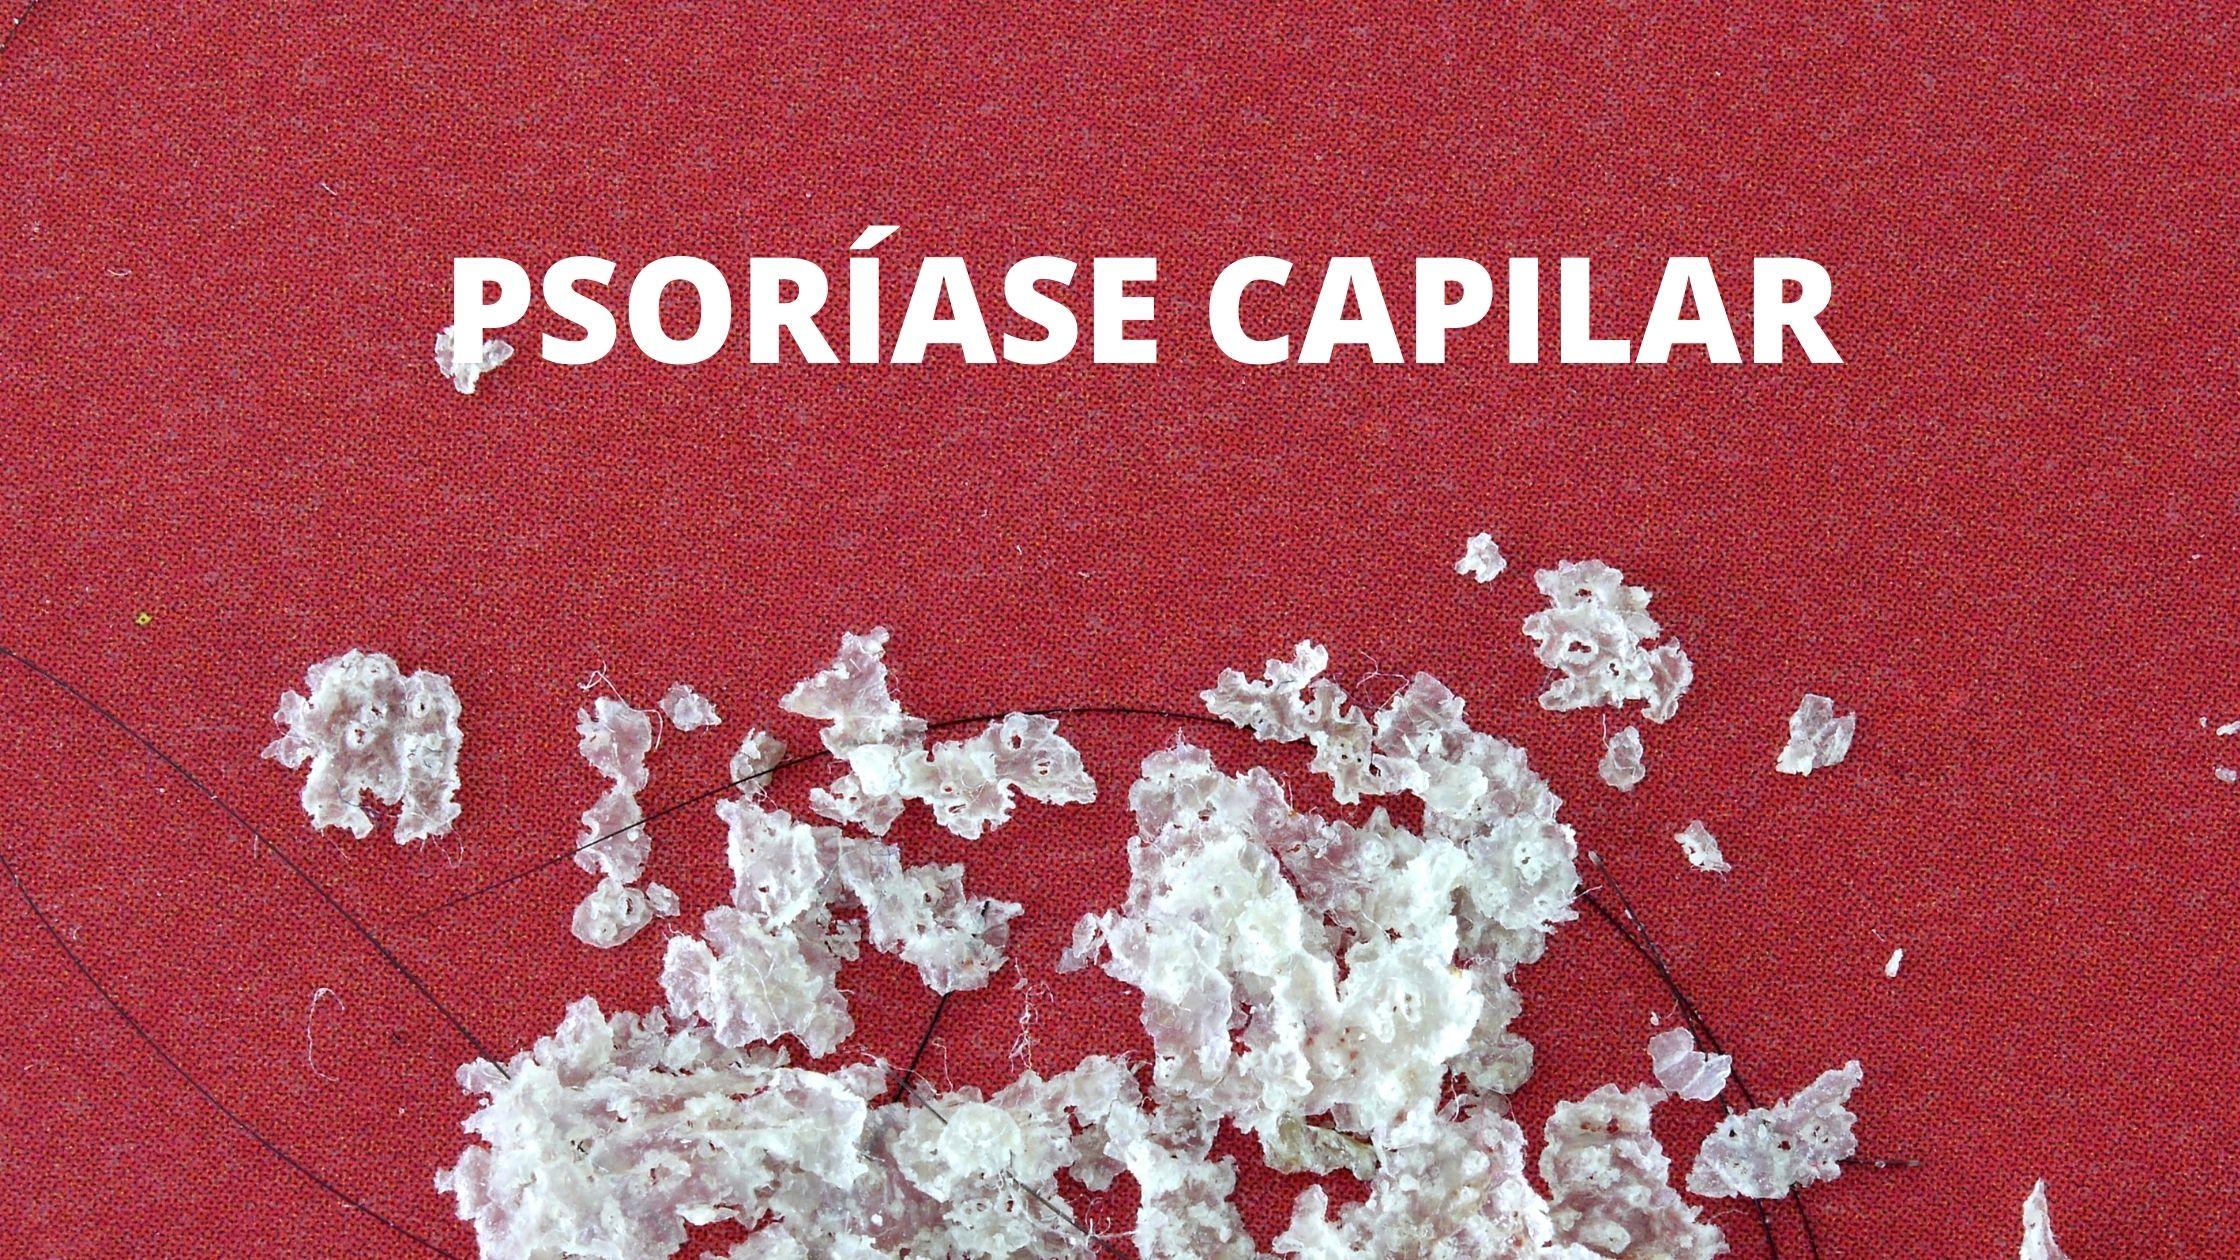 PSORIASE CAPILAR